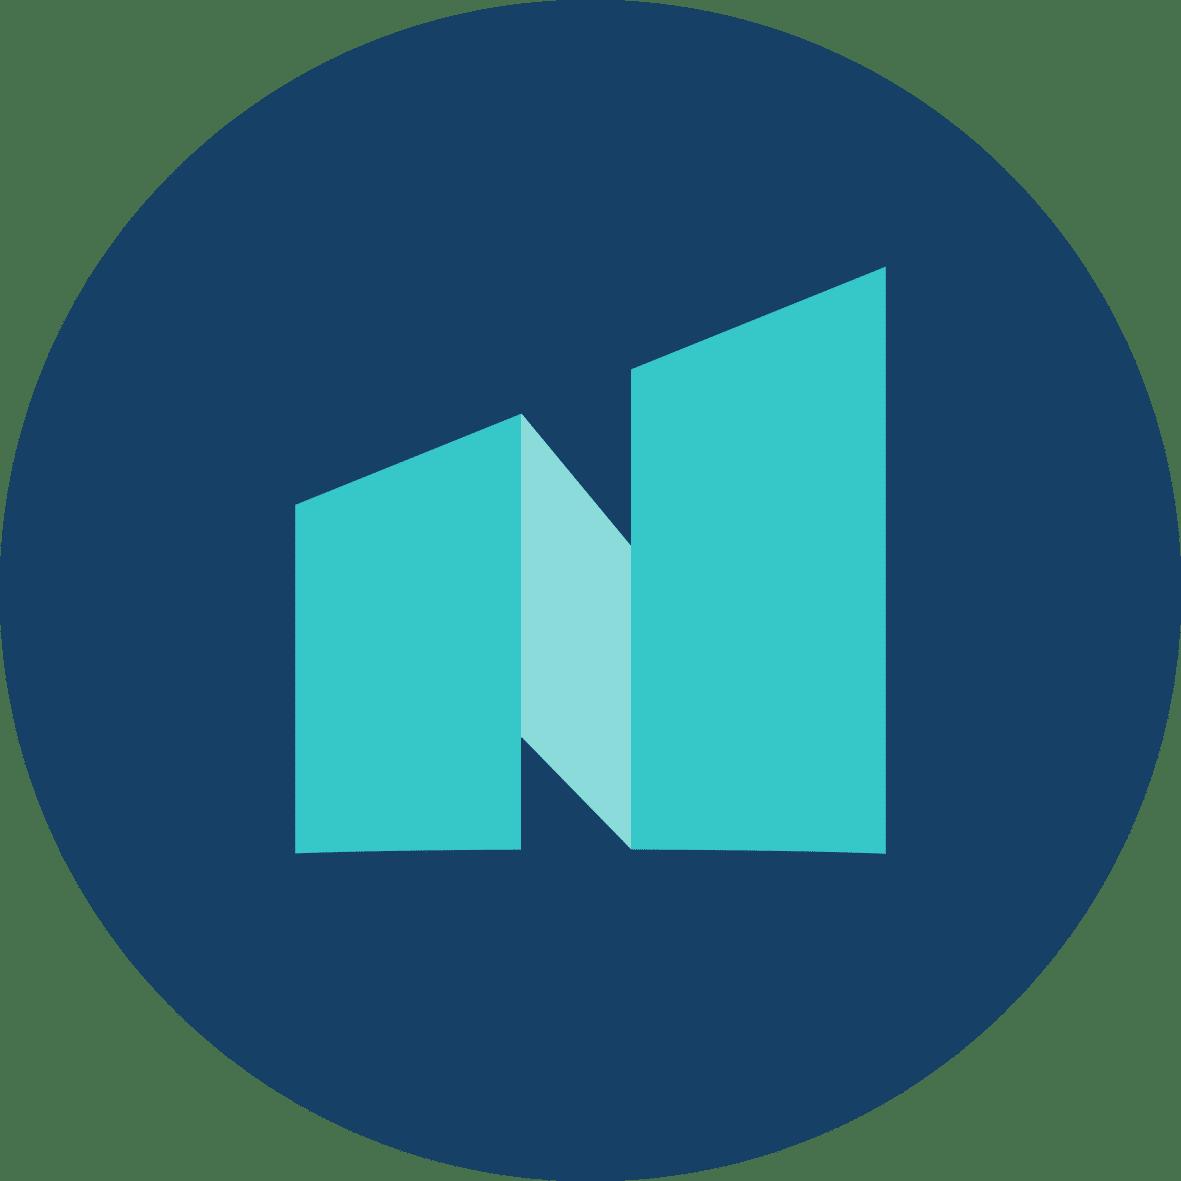 Netigate logo, Så skriver du bättre miltexter enkätutskick